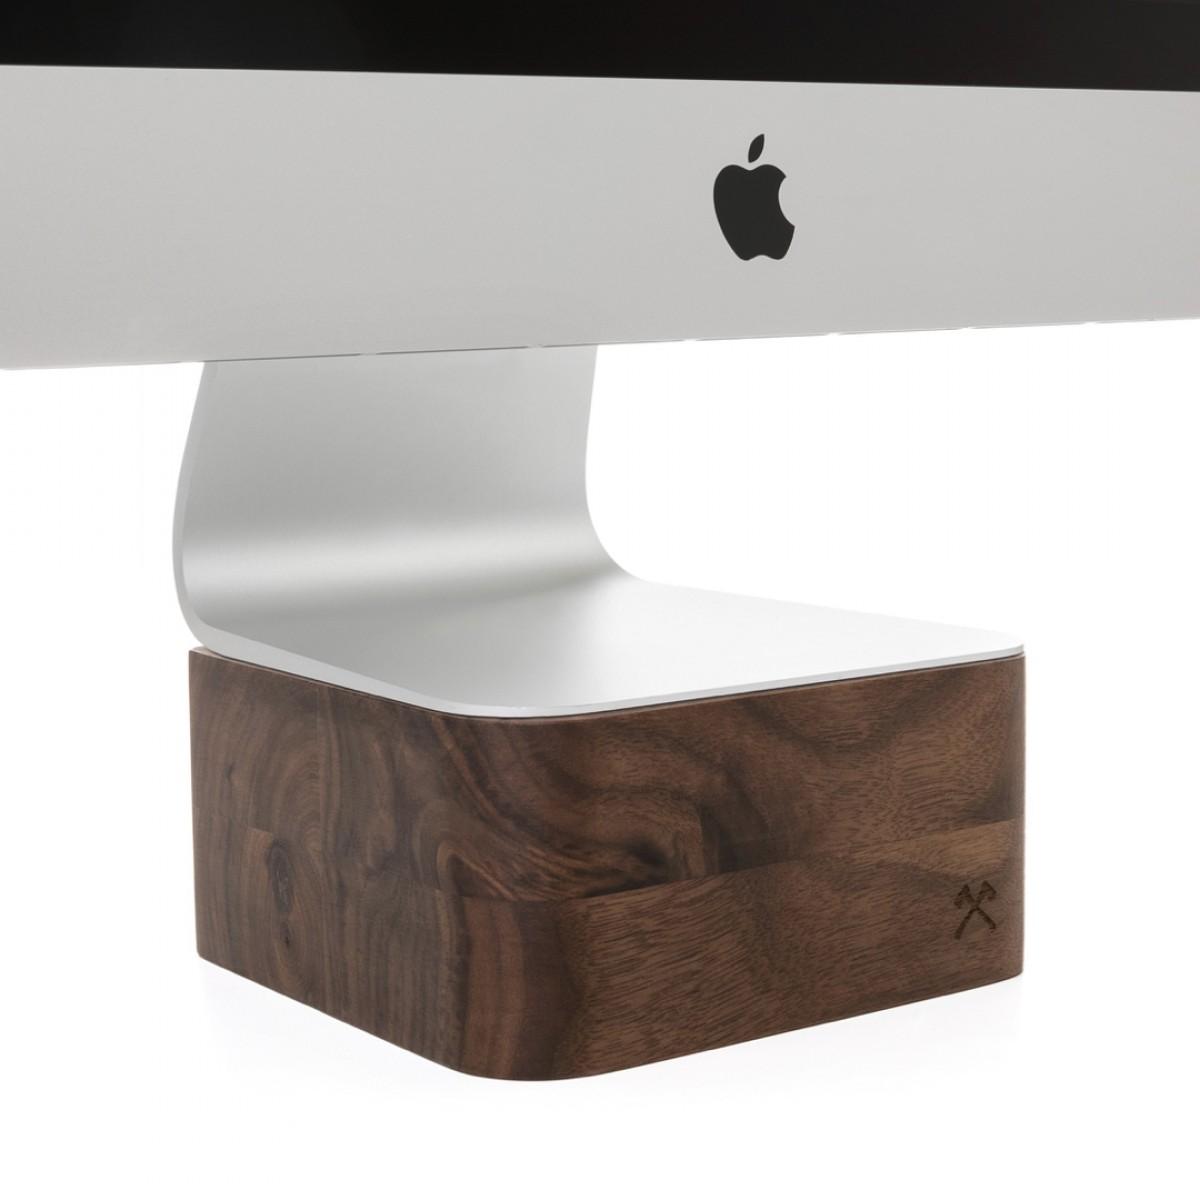 """Woodcessories - EcoFoot iMac Stand - Premium Design Monitorständer, Bildschirmständer, Erhöhung für den Apple iMac aus massivem Holz (27"""", Walnuss)"""